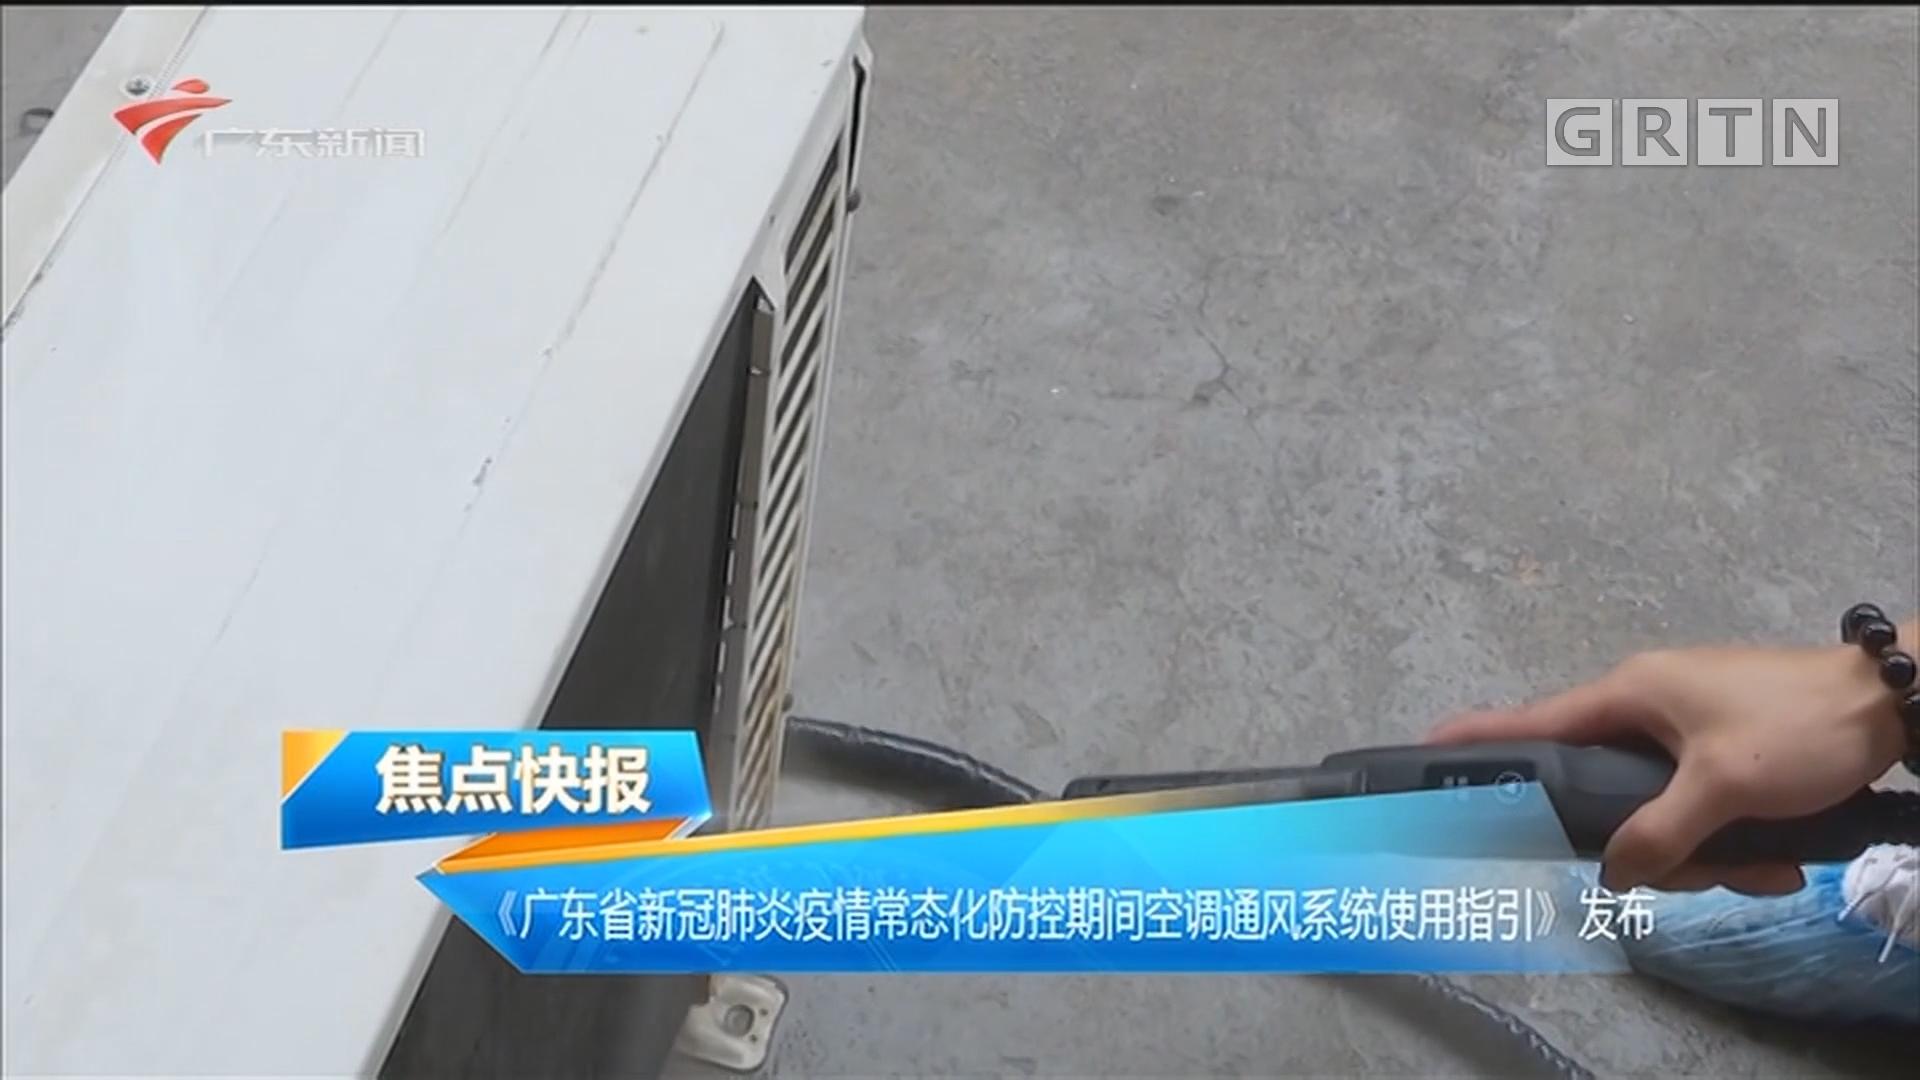 《广东省新冠肺炎疫情常态化防控期间空调通风系统使用指引》发布